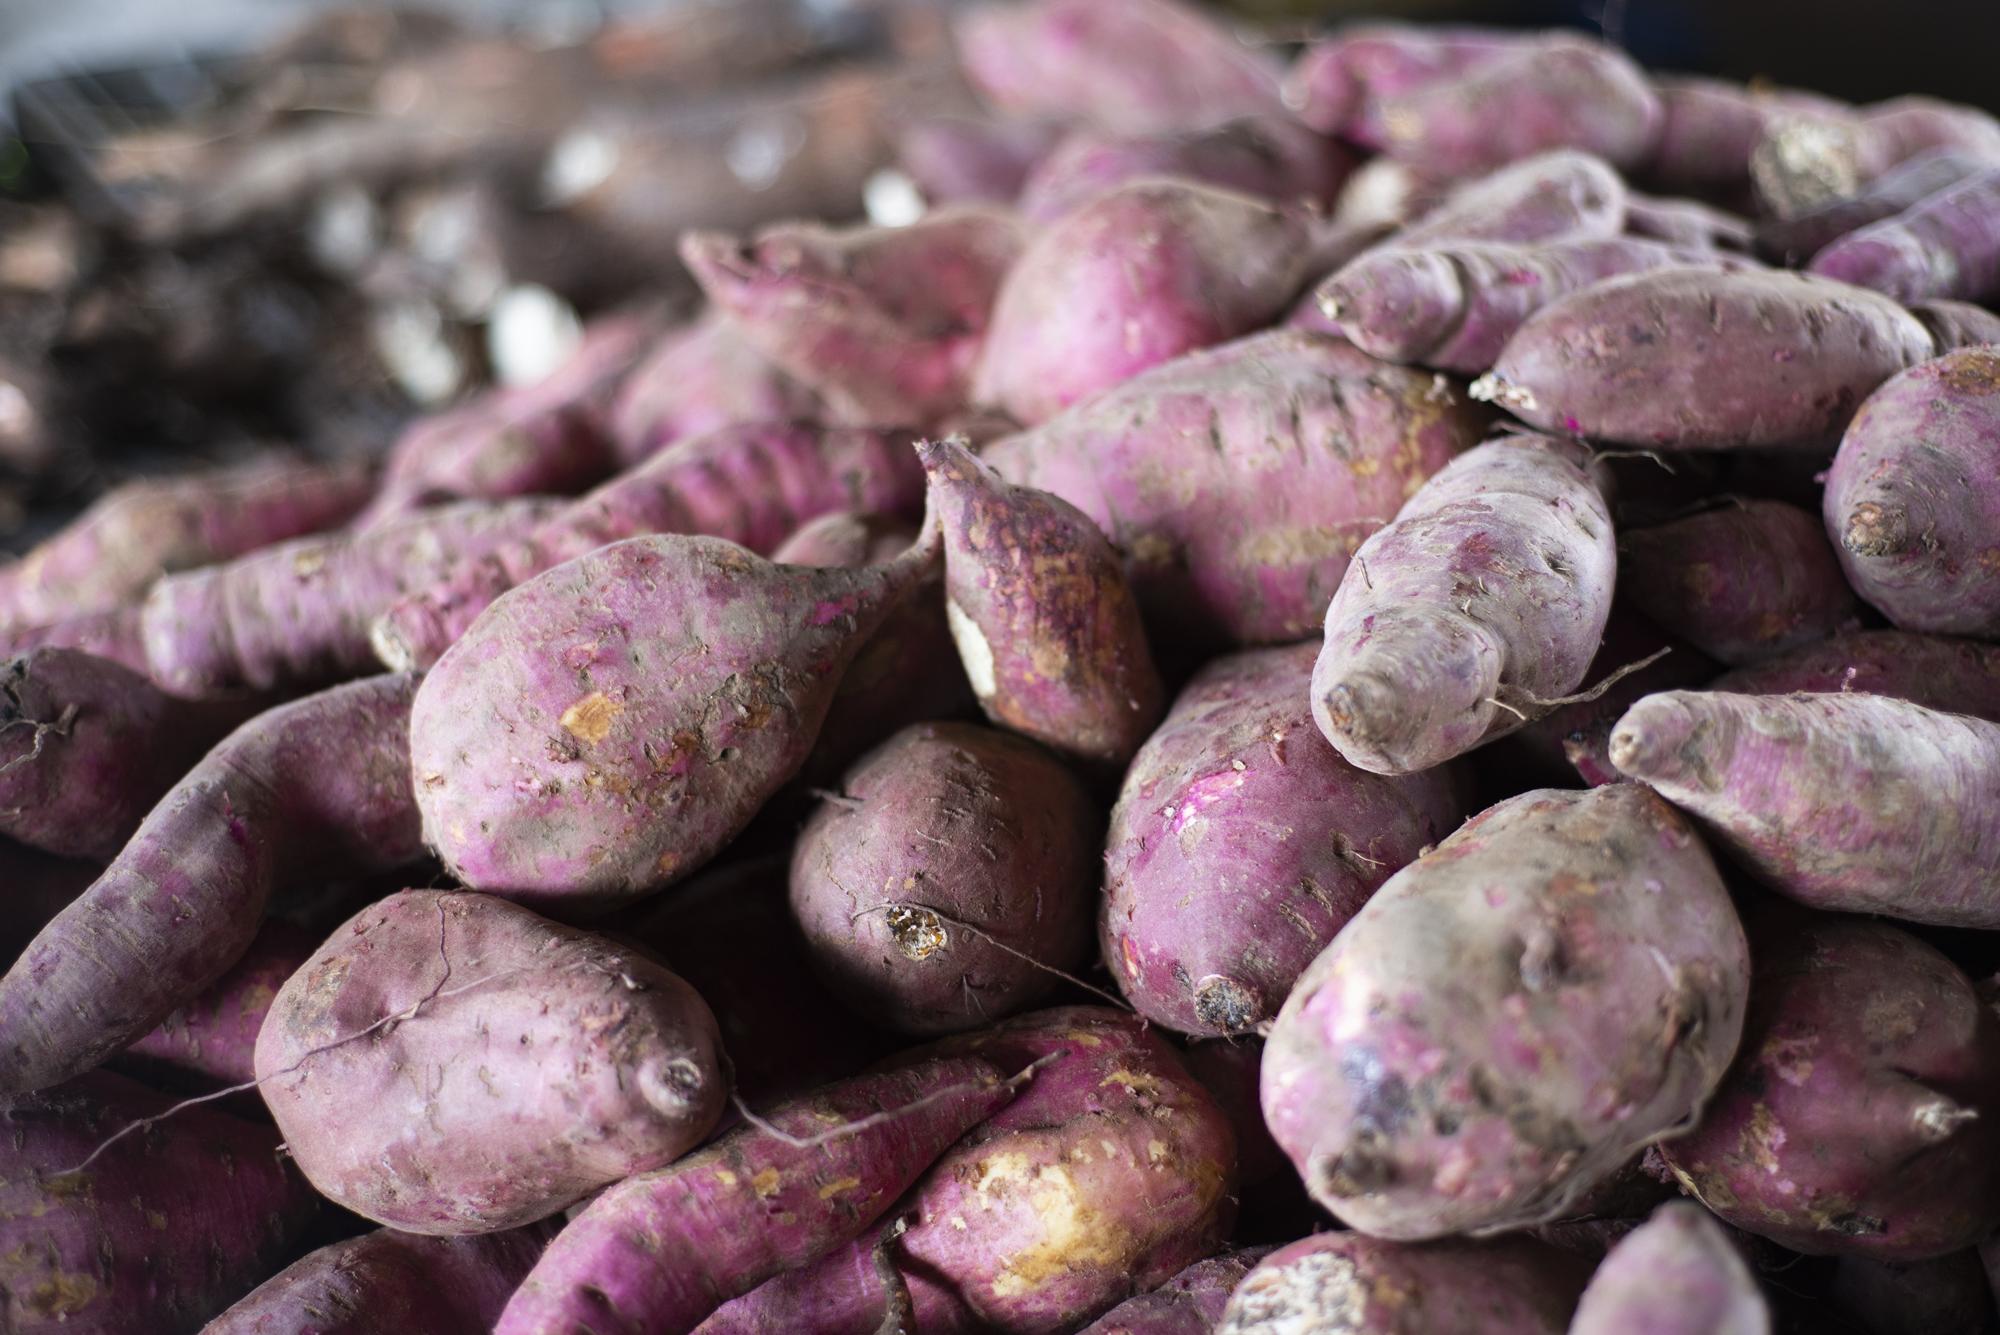 Semana encerra com queda no preço da batata-doce na Ceasa Cariri